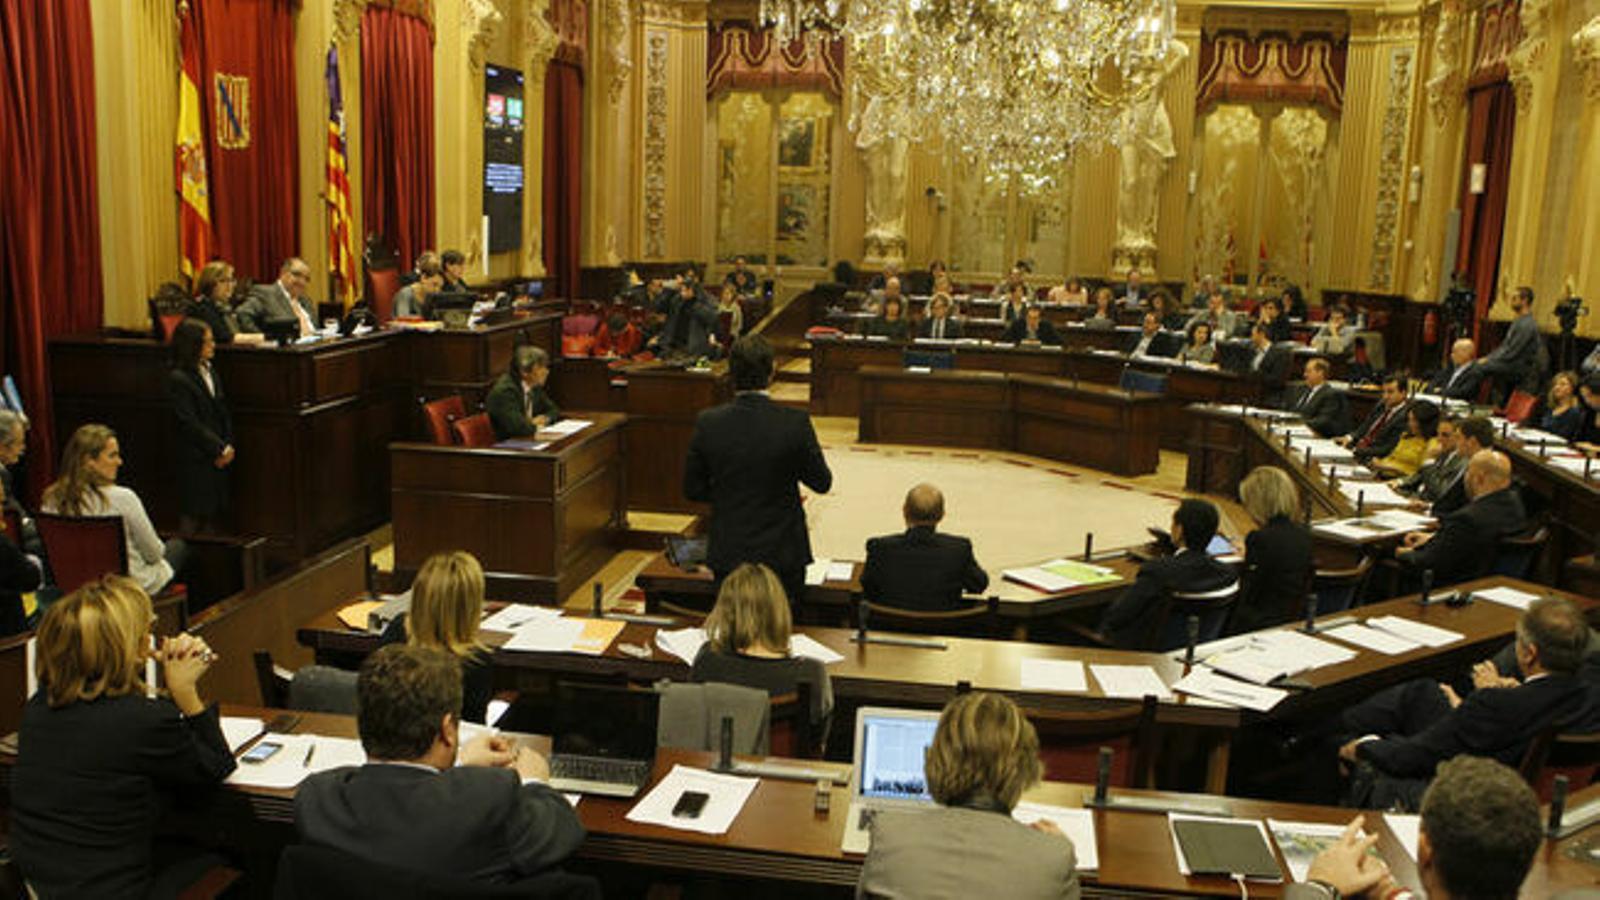 Imatge d'arxiu del Parlament de les Illes Balears. / ISAAC BUJ